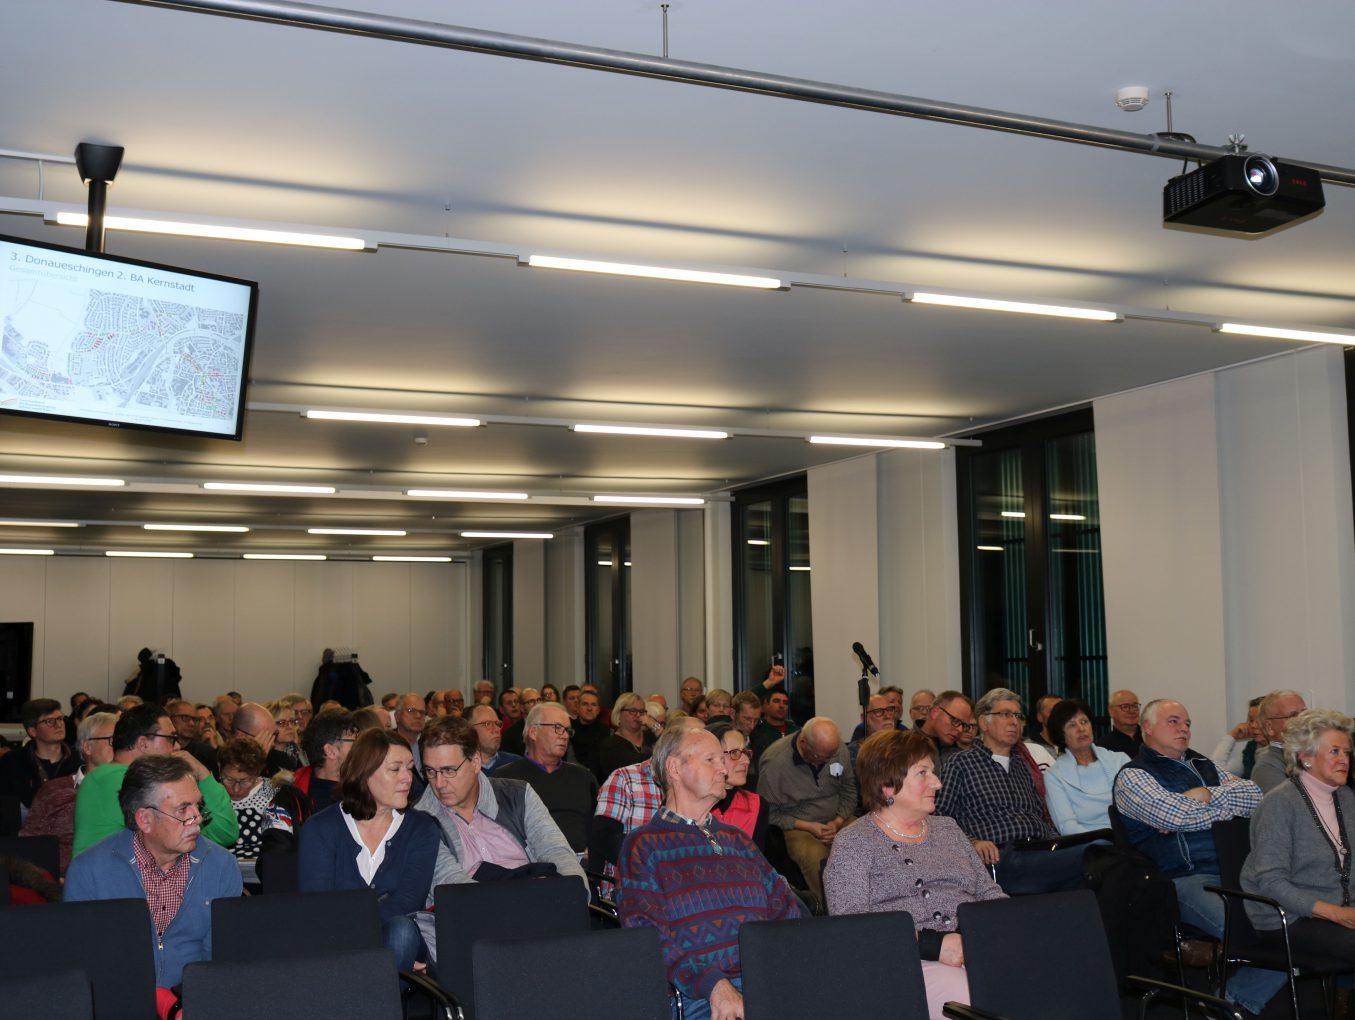 Infoveranstaltung Donaueschingen 2. BA